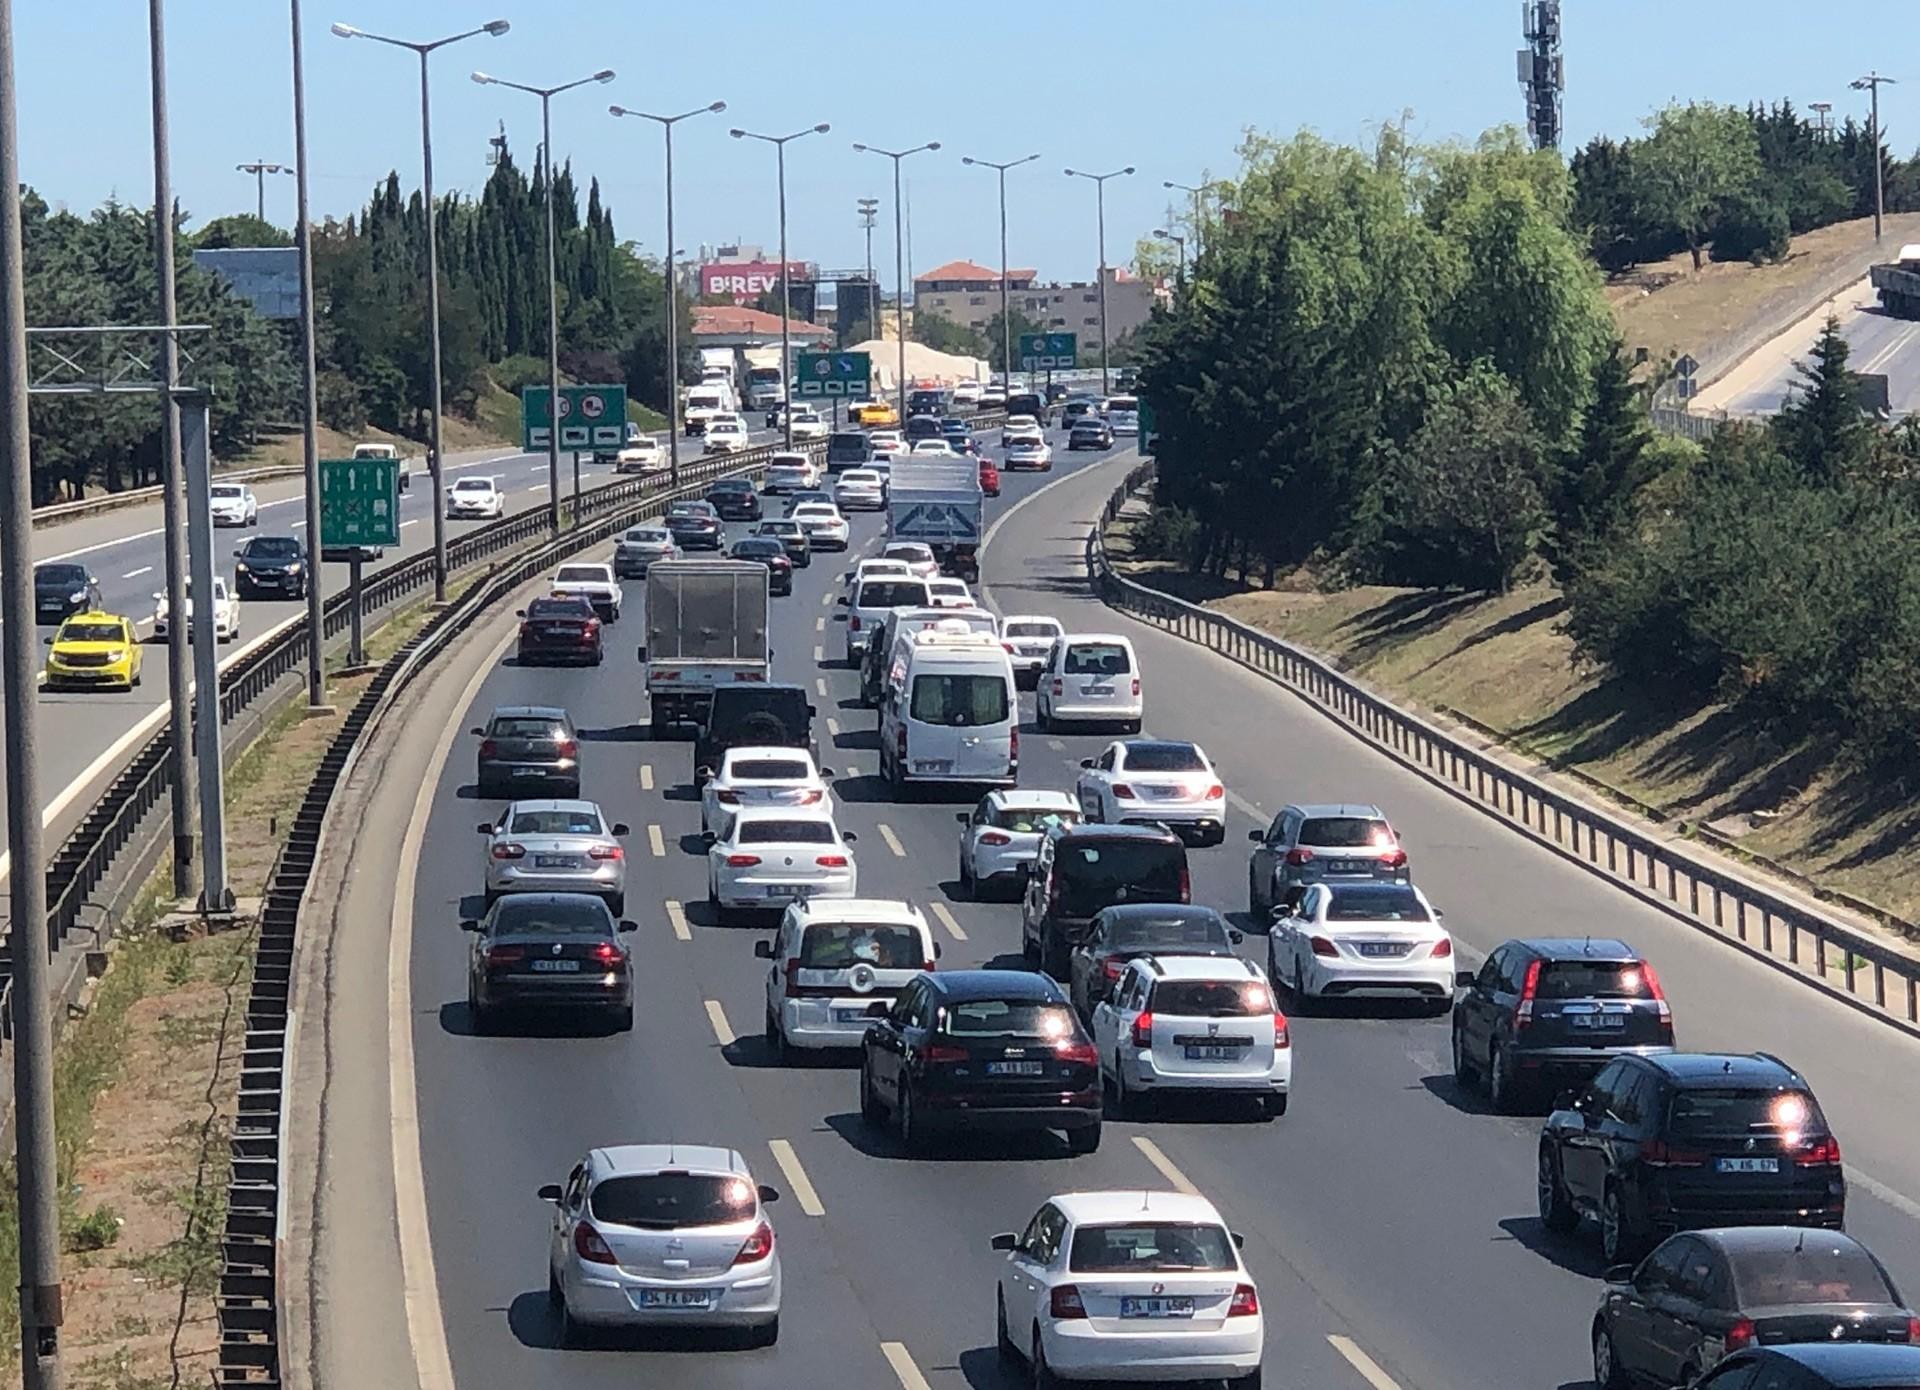 Duble yollar çözüm olmadı: Tatil nedeniyle pek çok yerde trafik kilitlendi